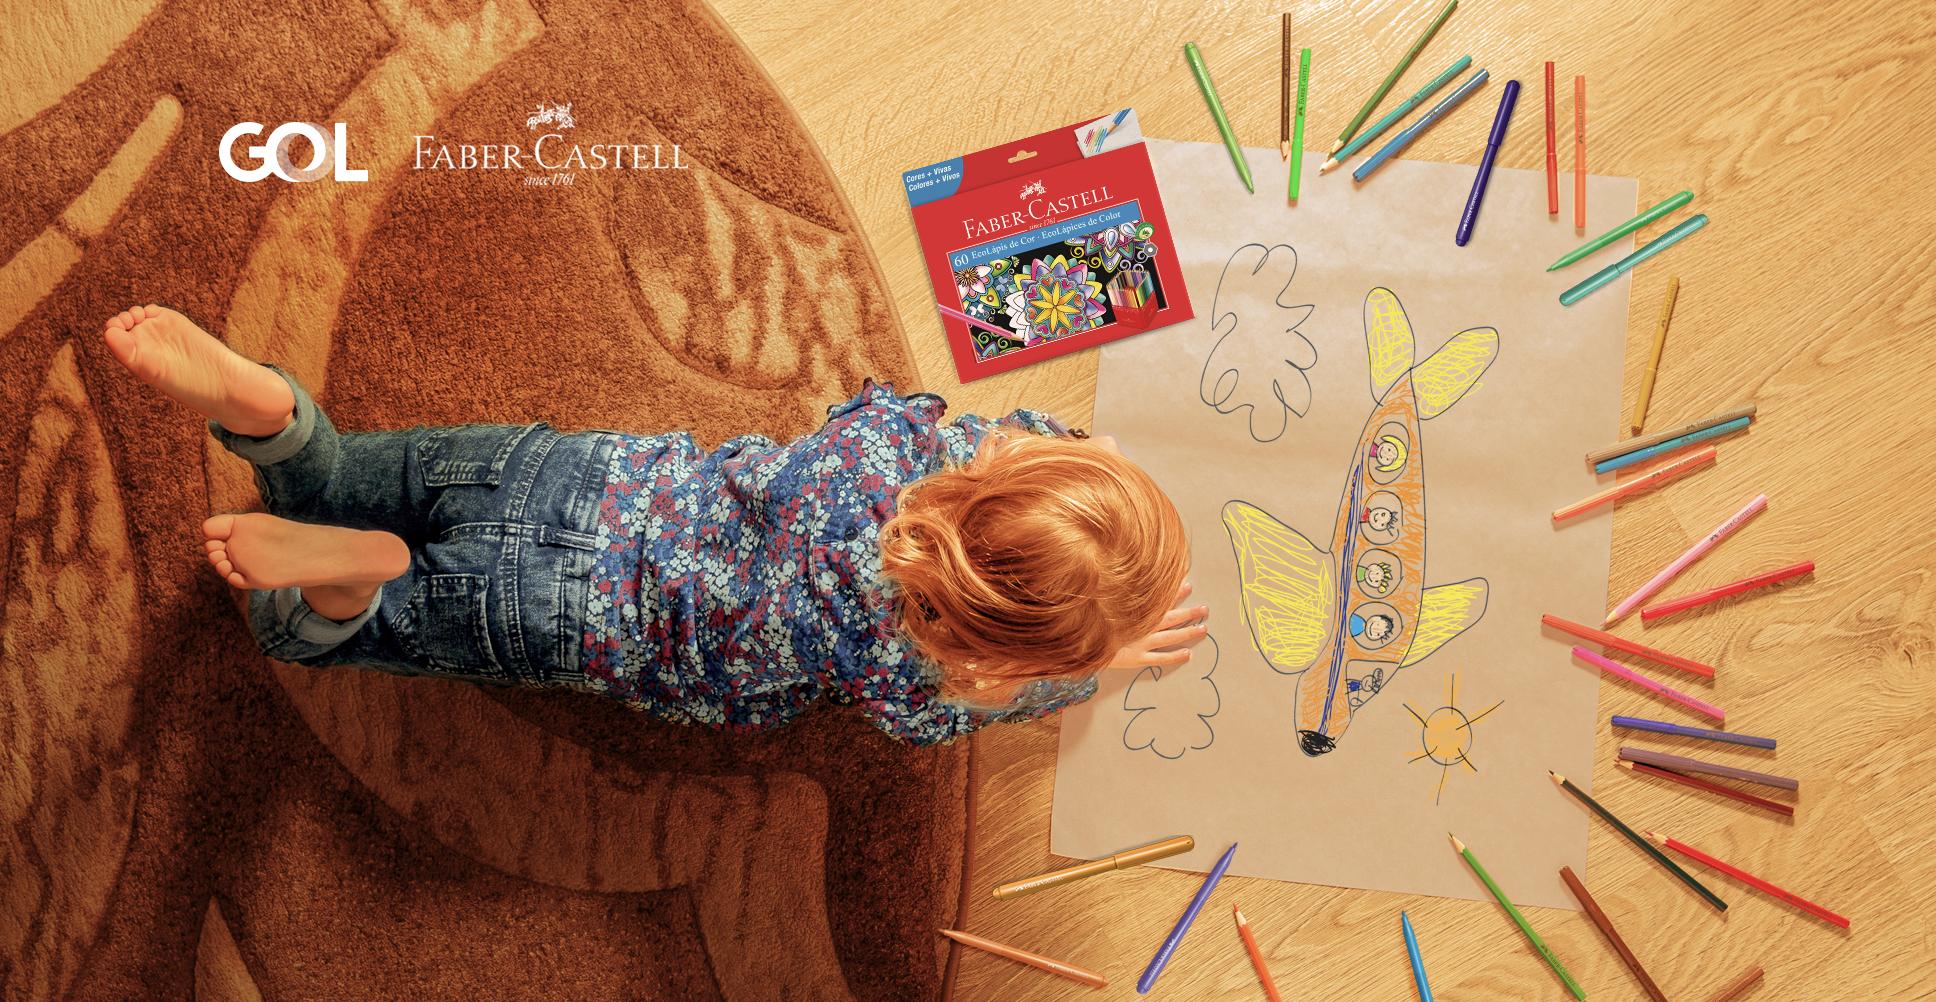 GOL e Faber-Castell se unem em ação para motivar pais e filhos a viajarem sem sair de casa